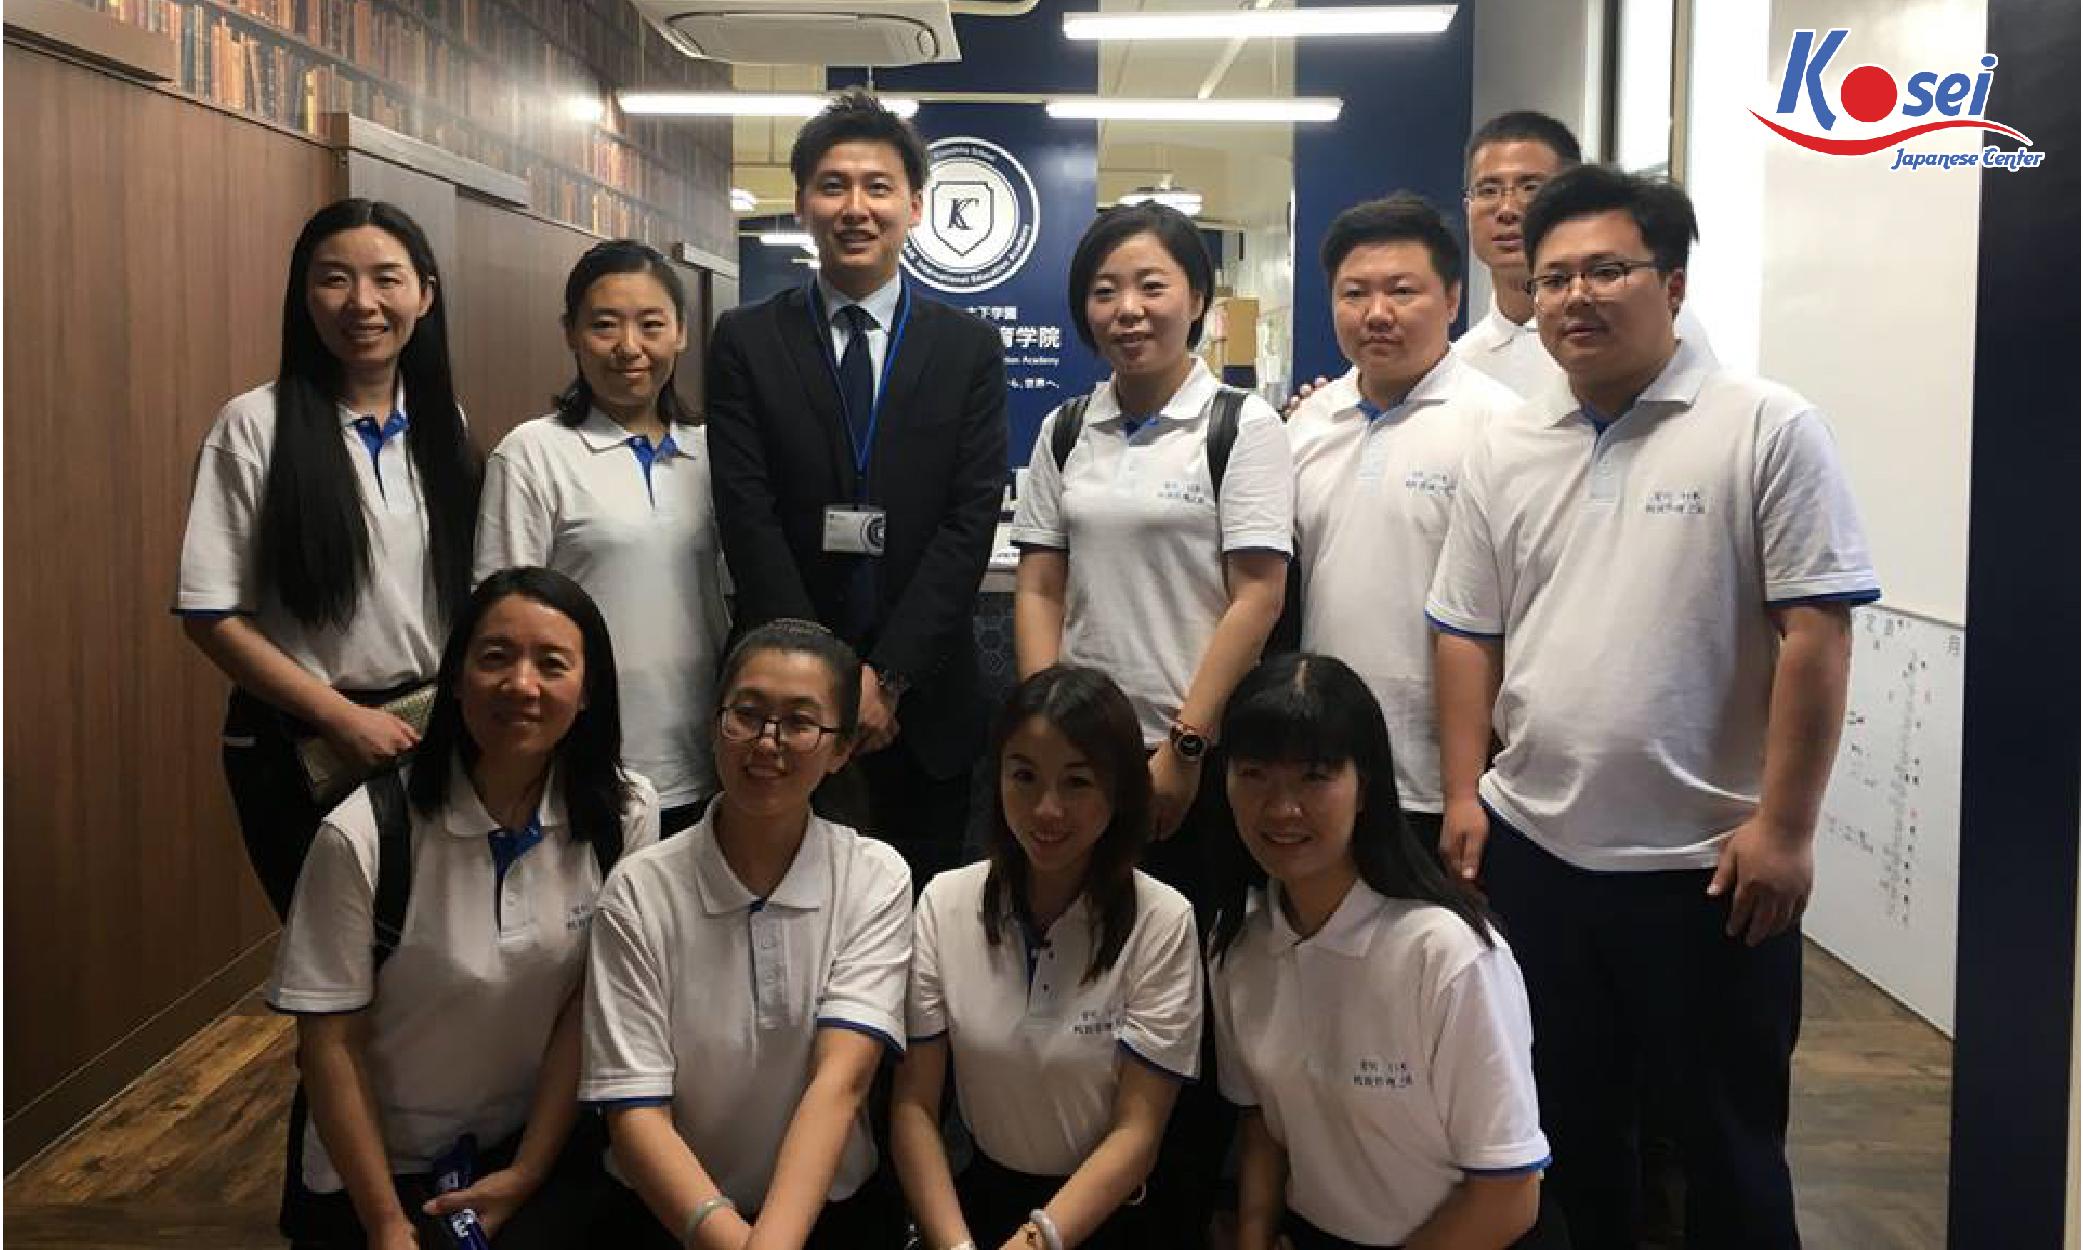 Tham quan trường học viện giáo dục quốc tế CANAAN tại Nhật Bản dành cho du học sinh Việt Nam